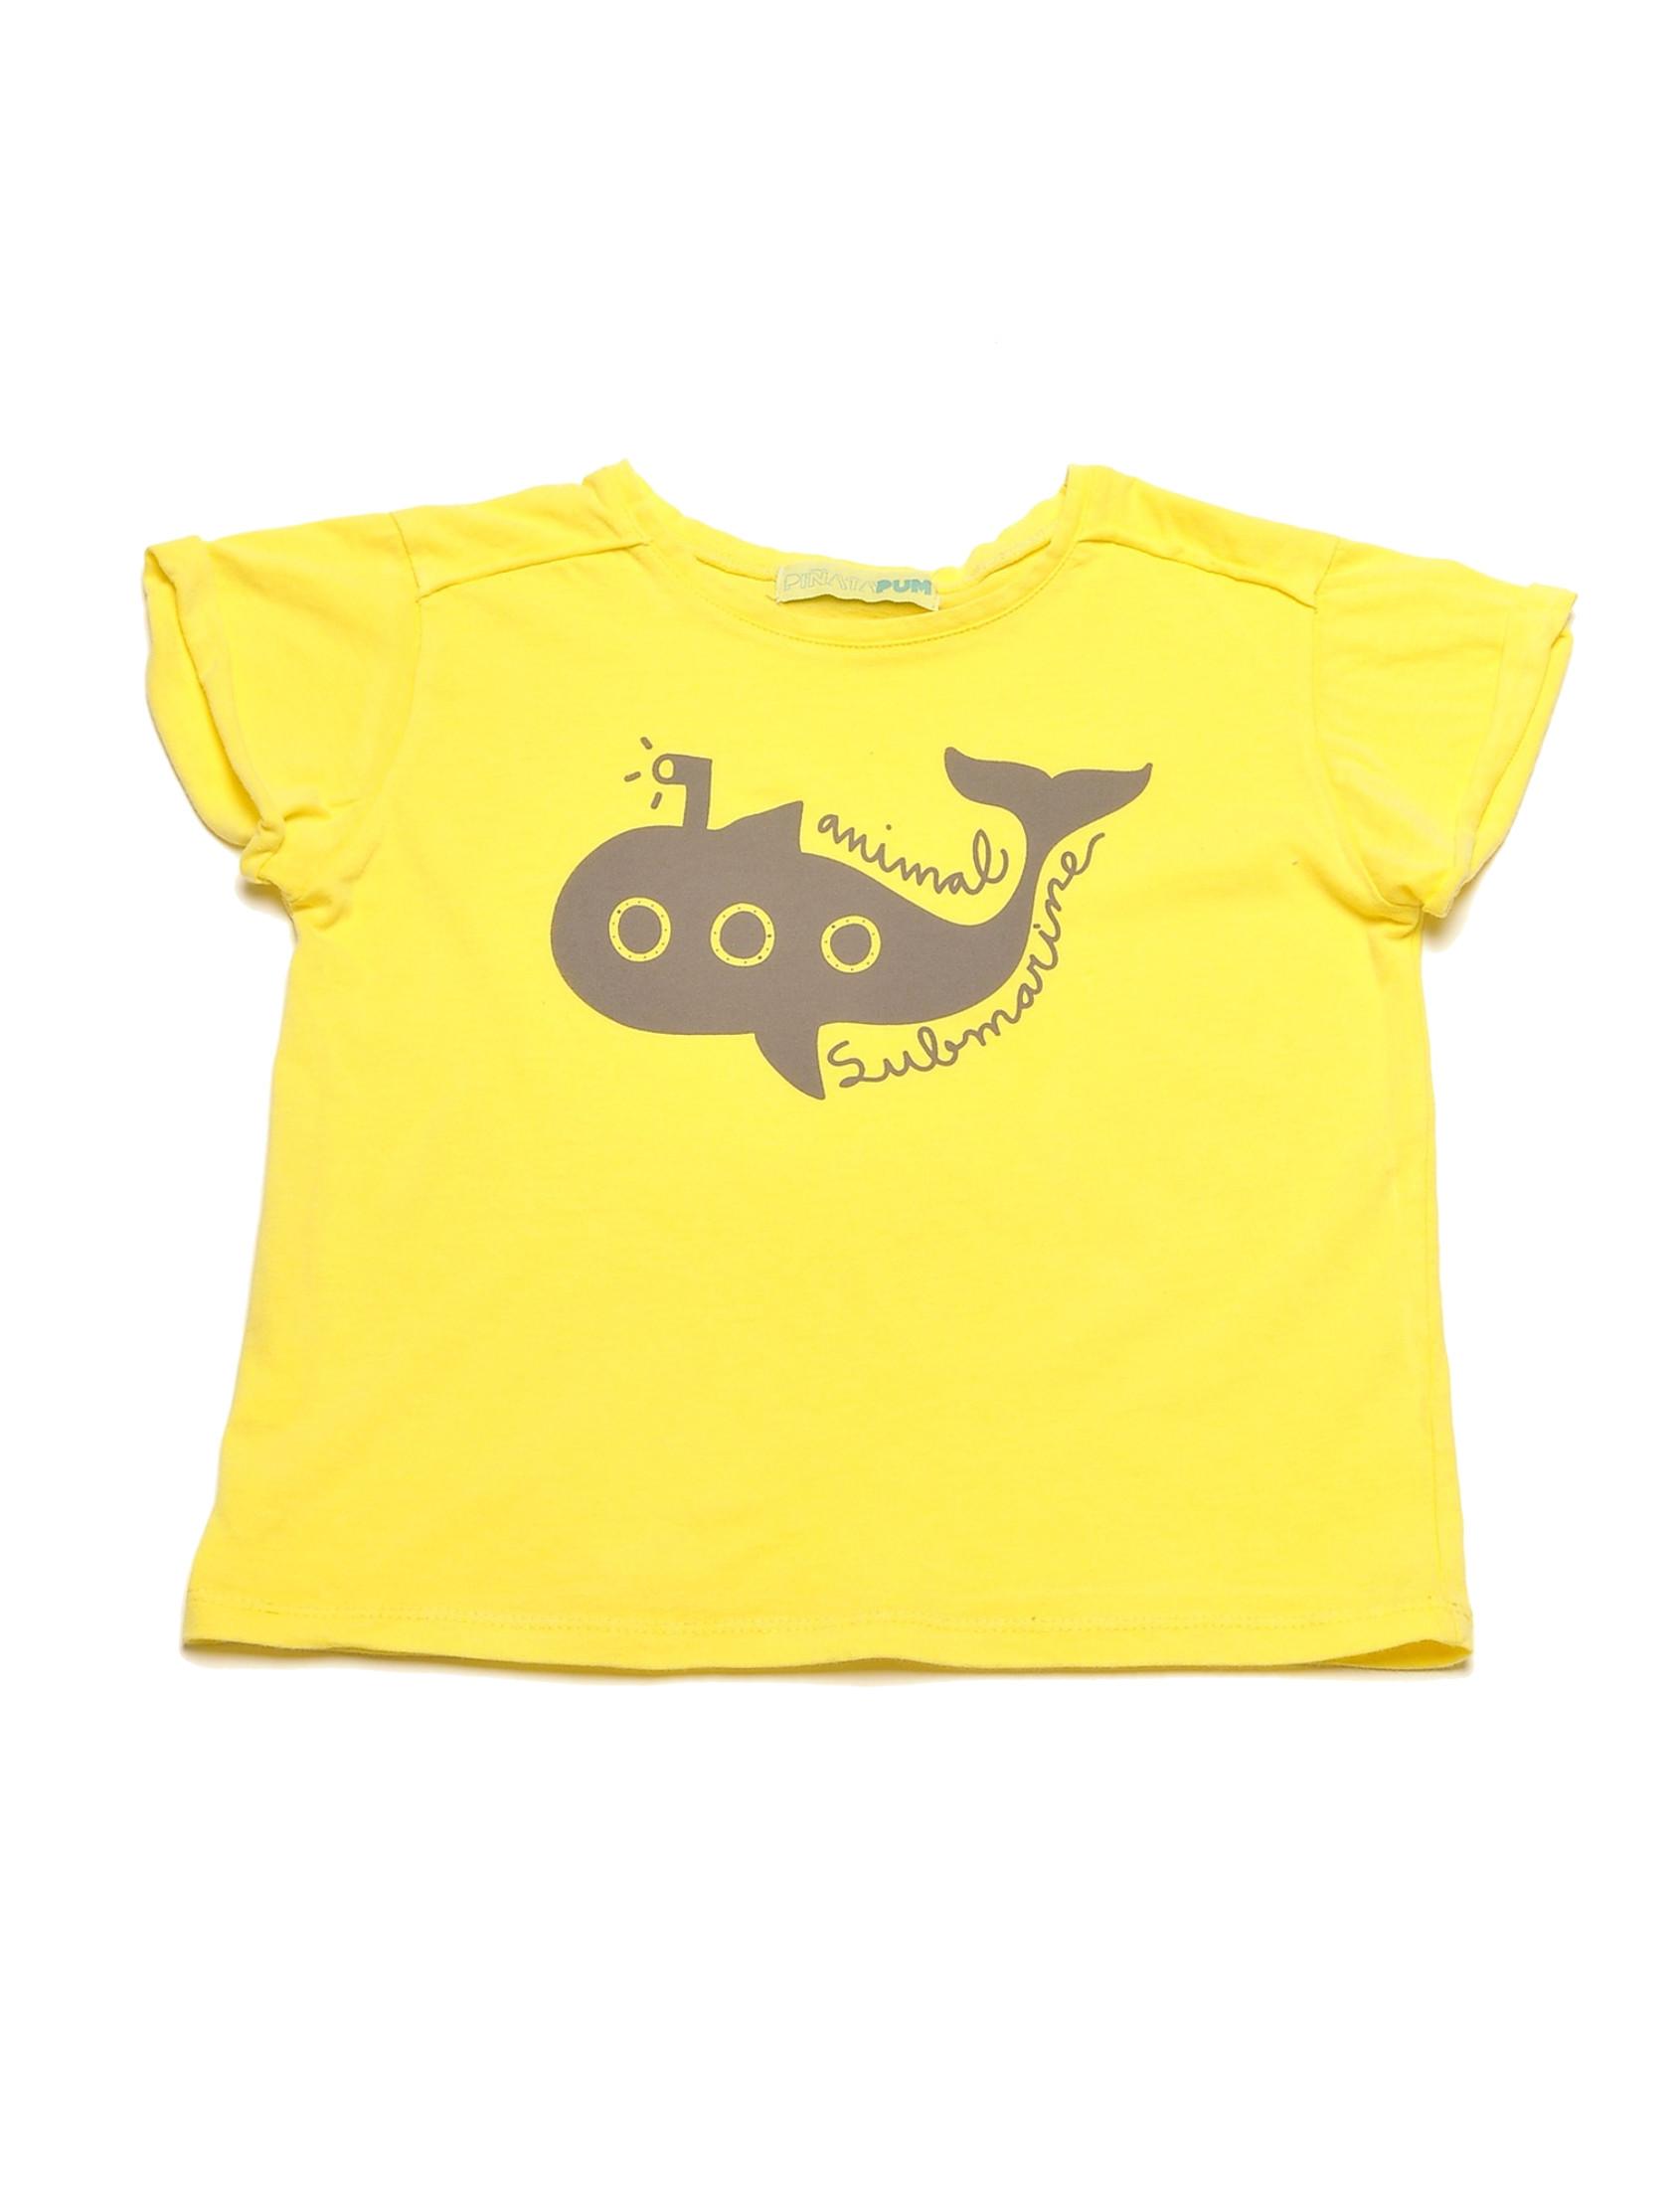 Camisetaballenatorsubmarineamarillo_01